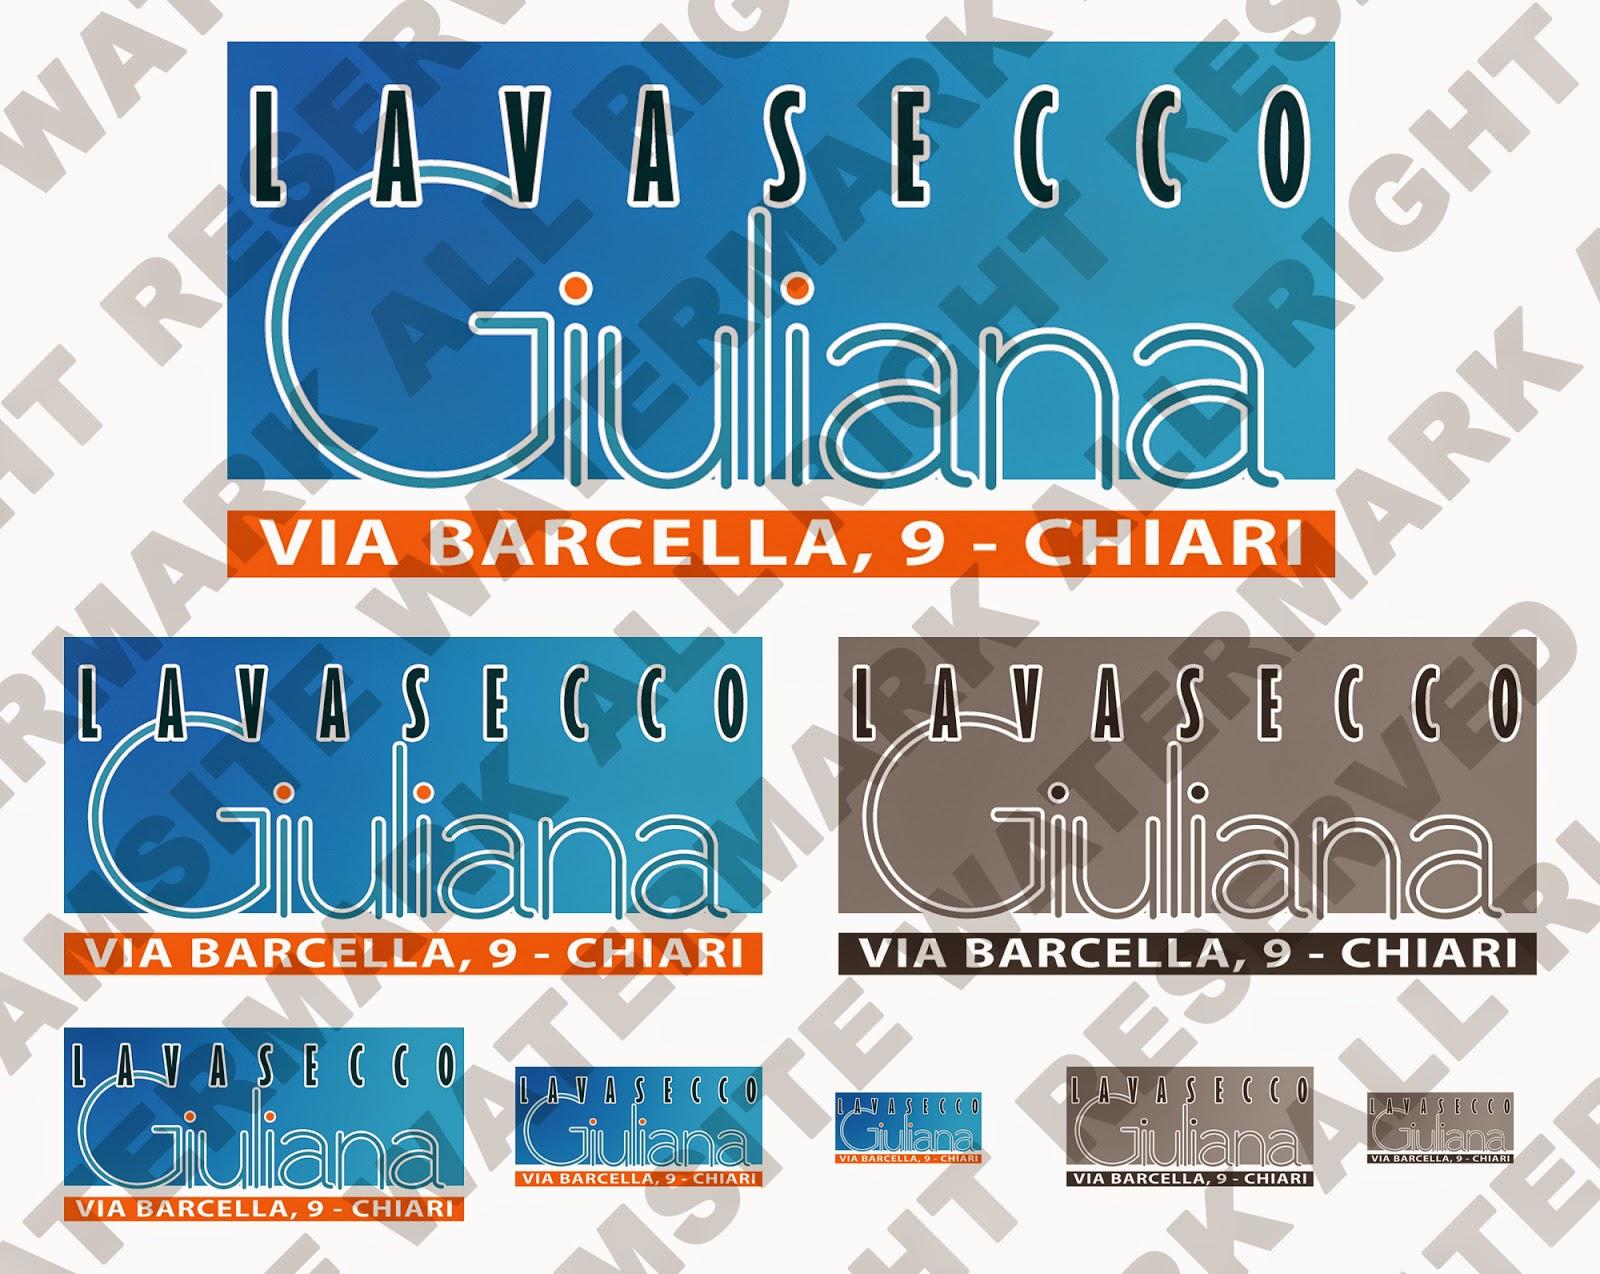 lavasecco Chiari, Brescia